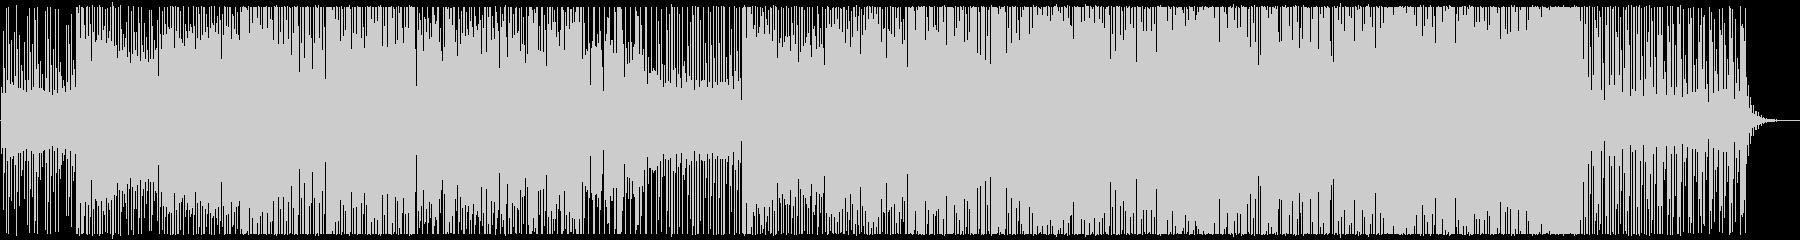 シンセの旋律が印象的な、ほのぼのとした曲の未再生の波形